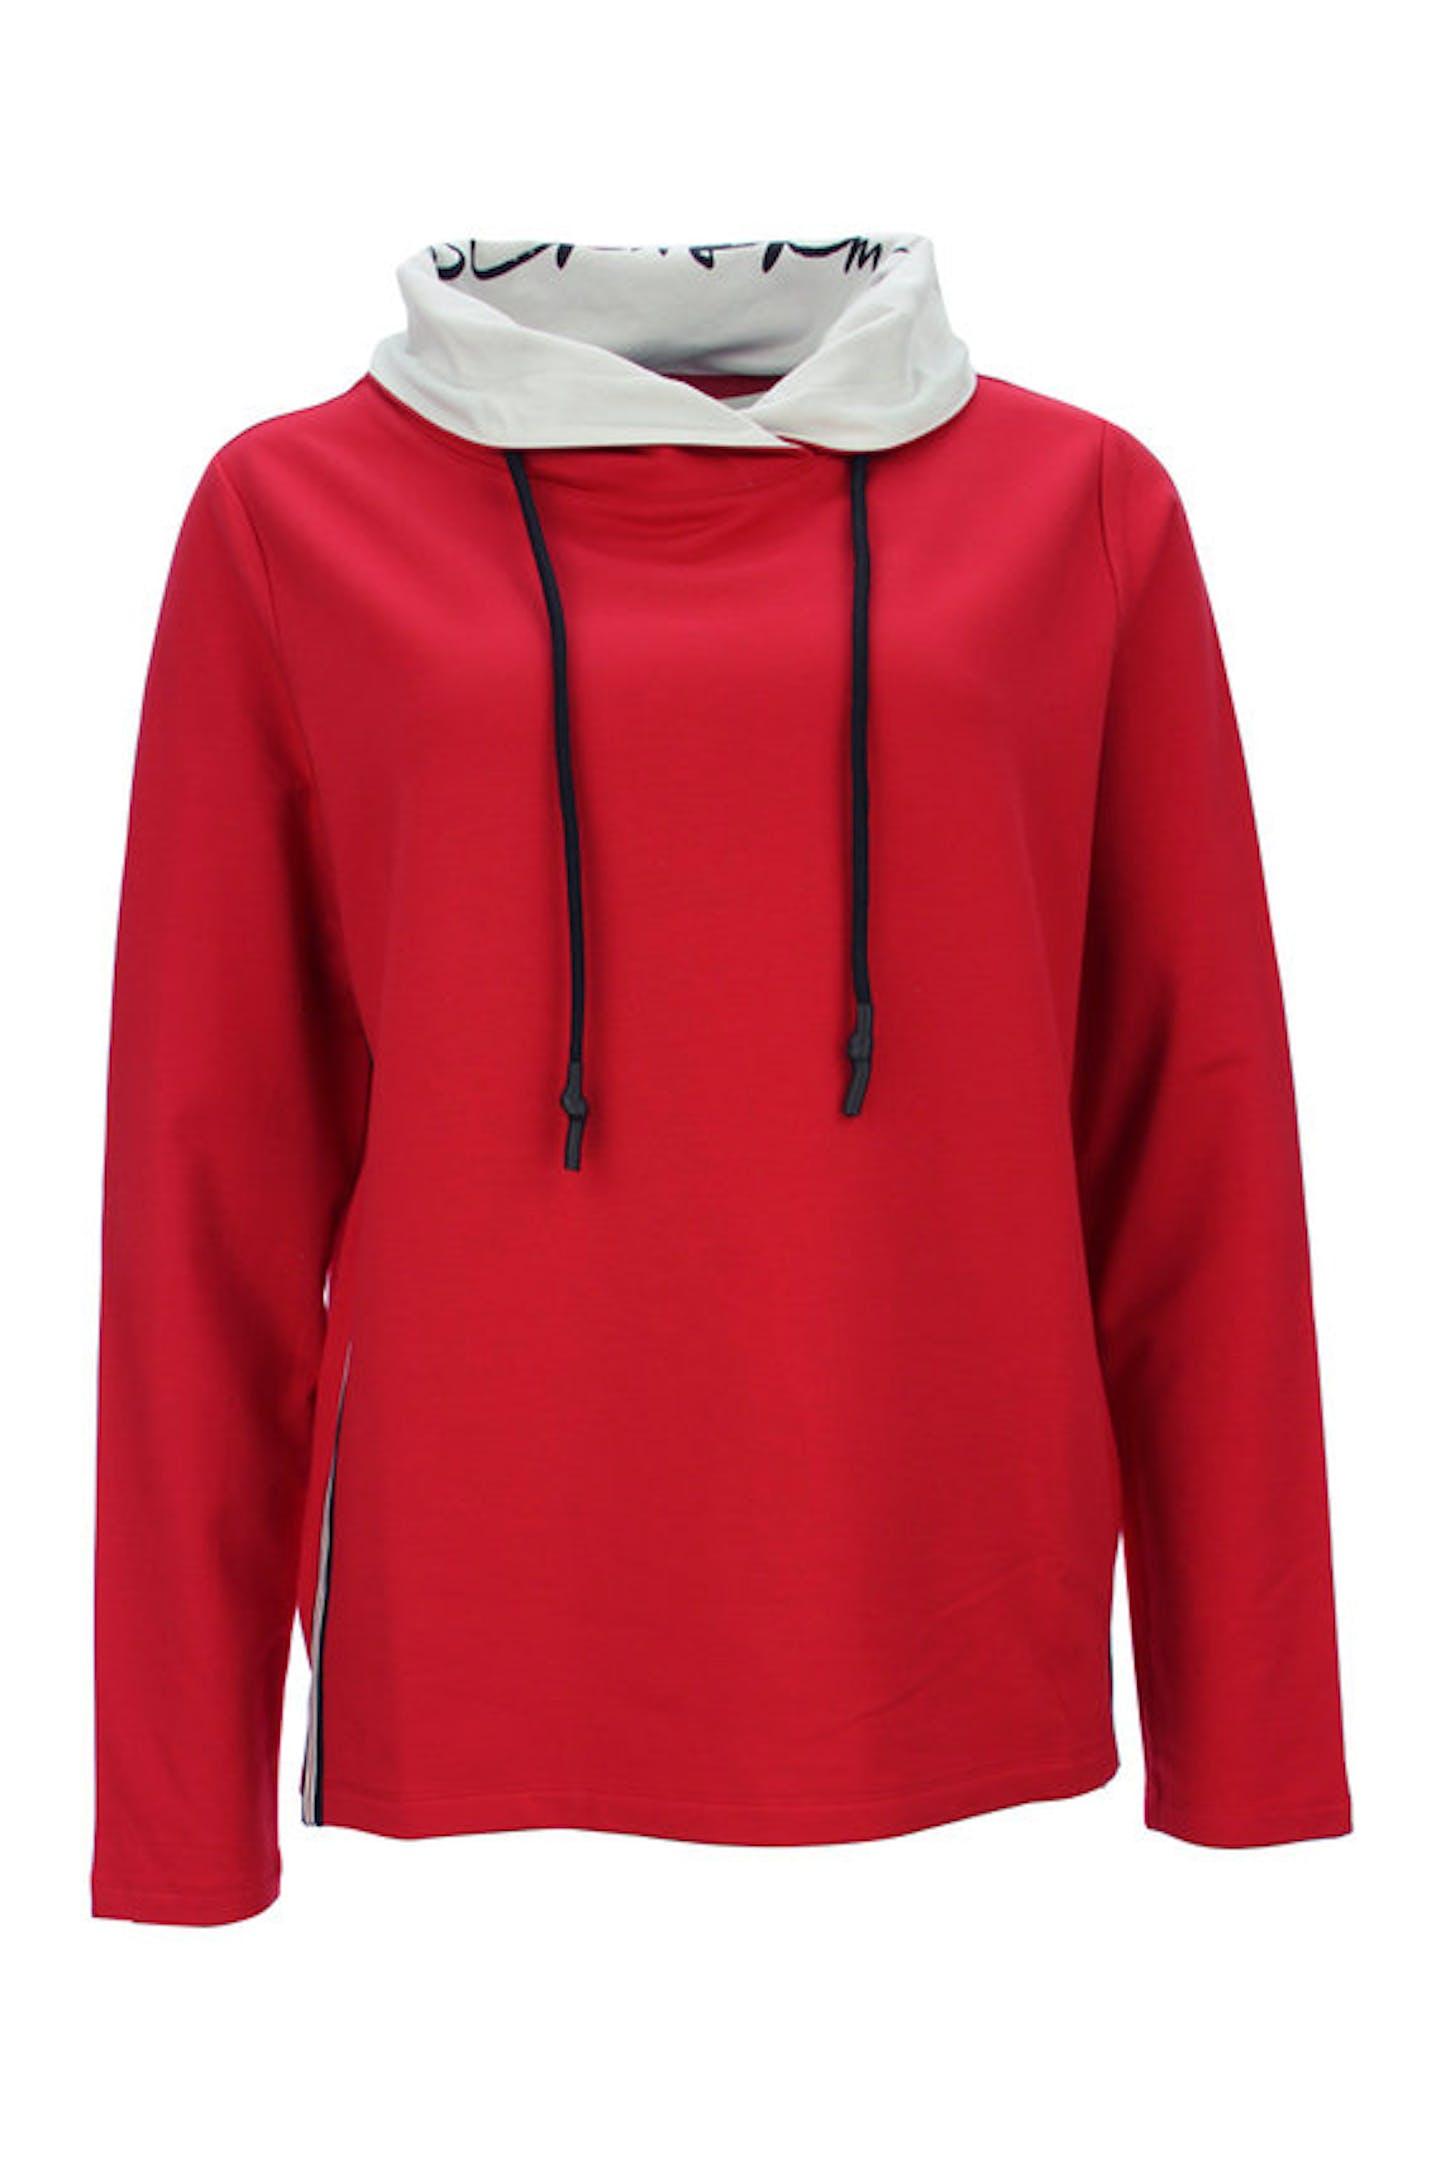 Tulpenkragen Sweater